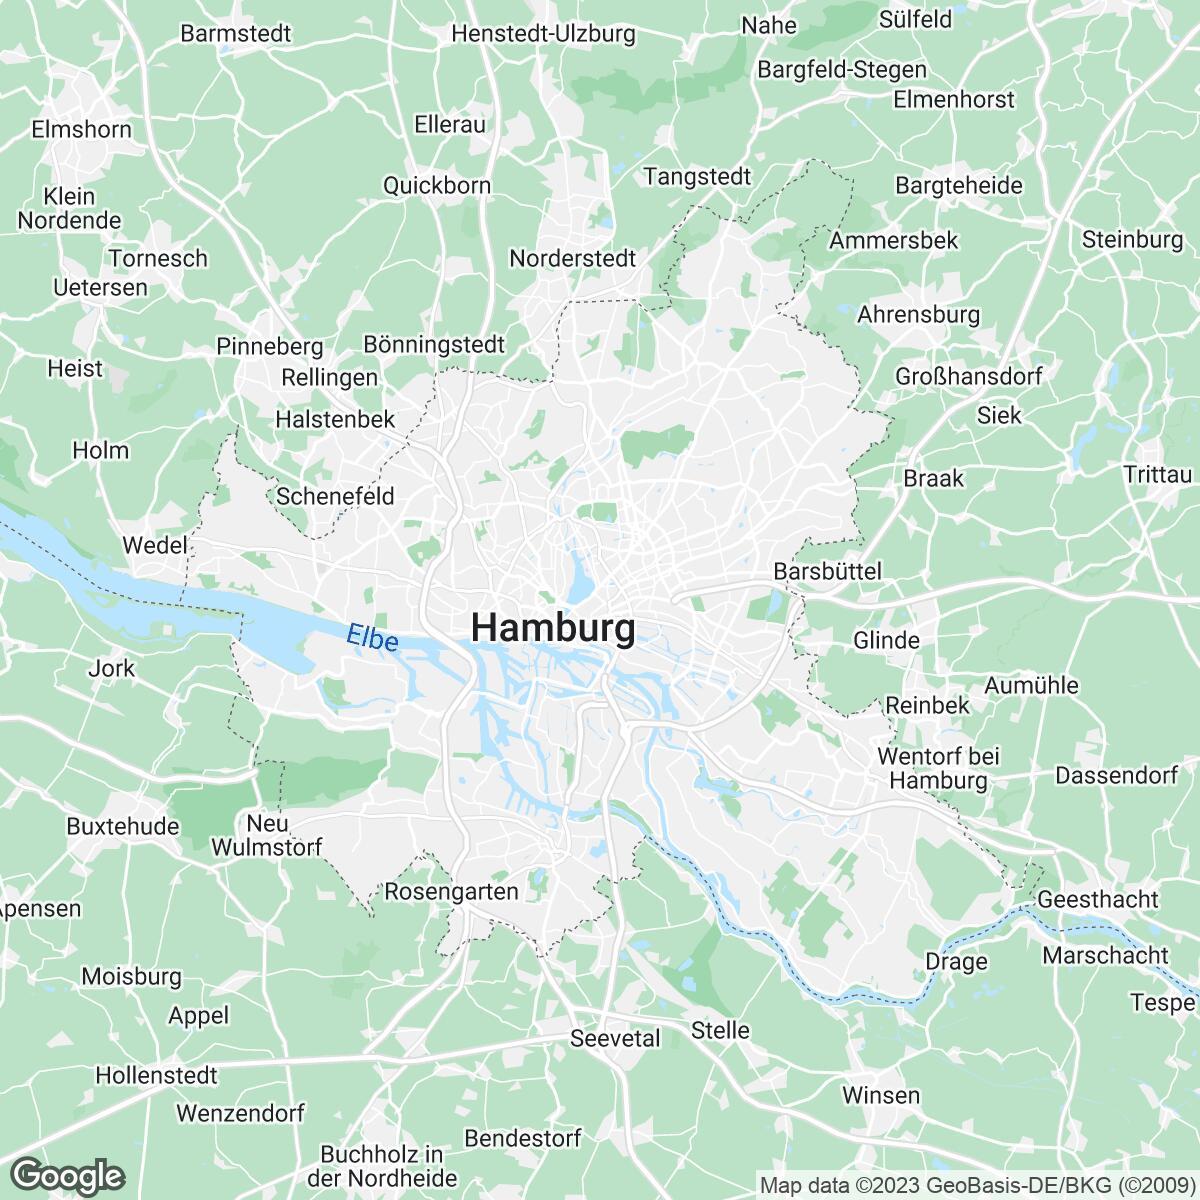 Verkaufsgebiet der Zeitungen Pinneberger Tageblatt und Hamburger Morgenpost